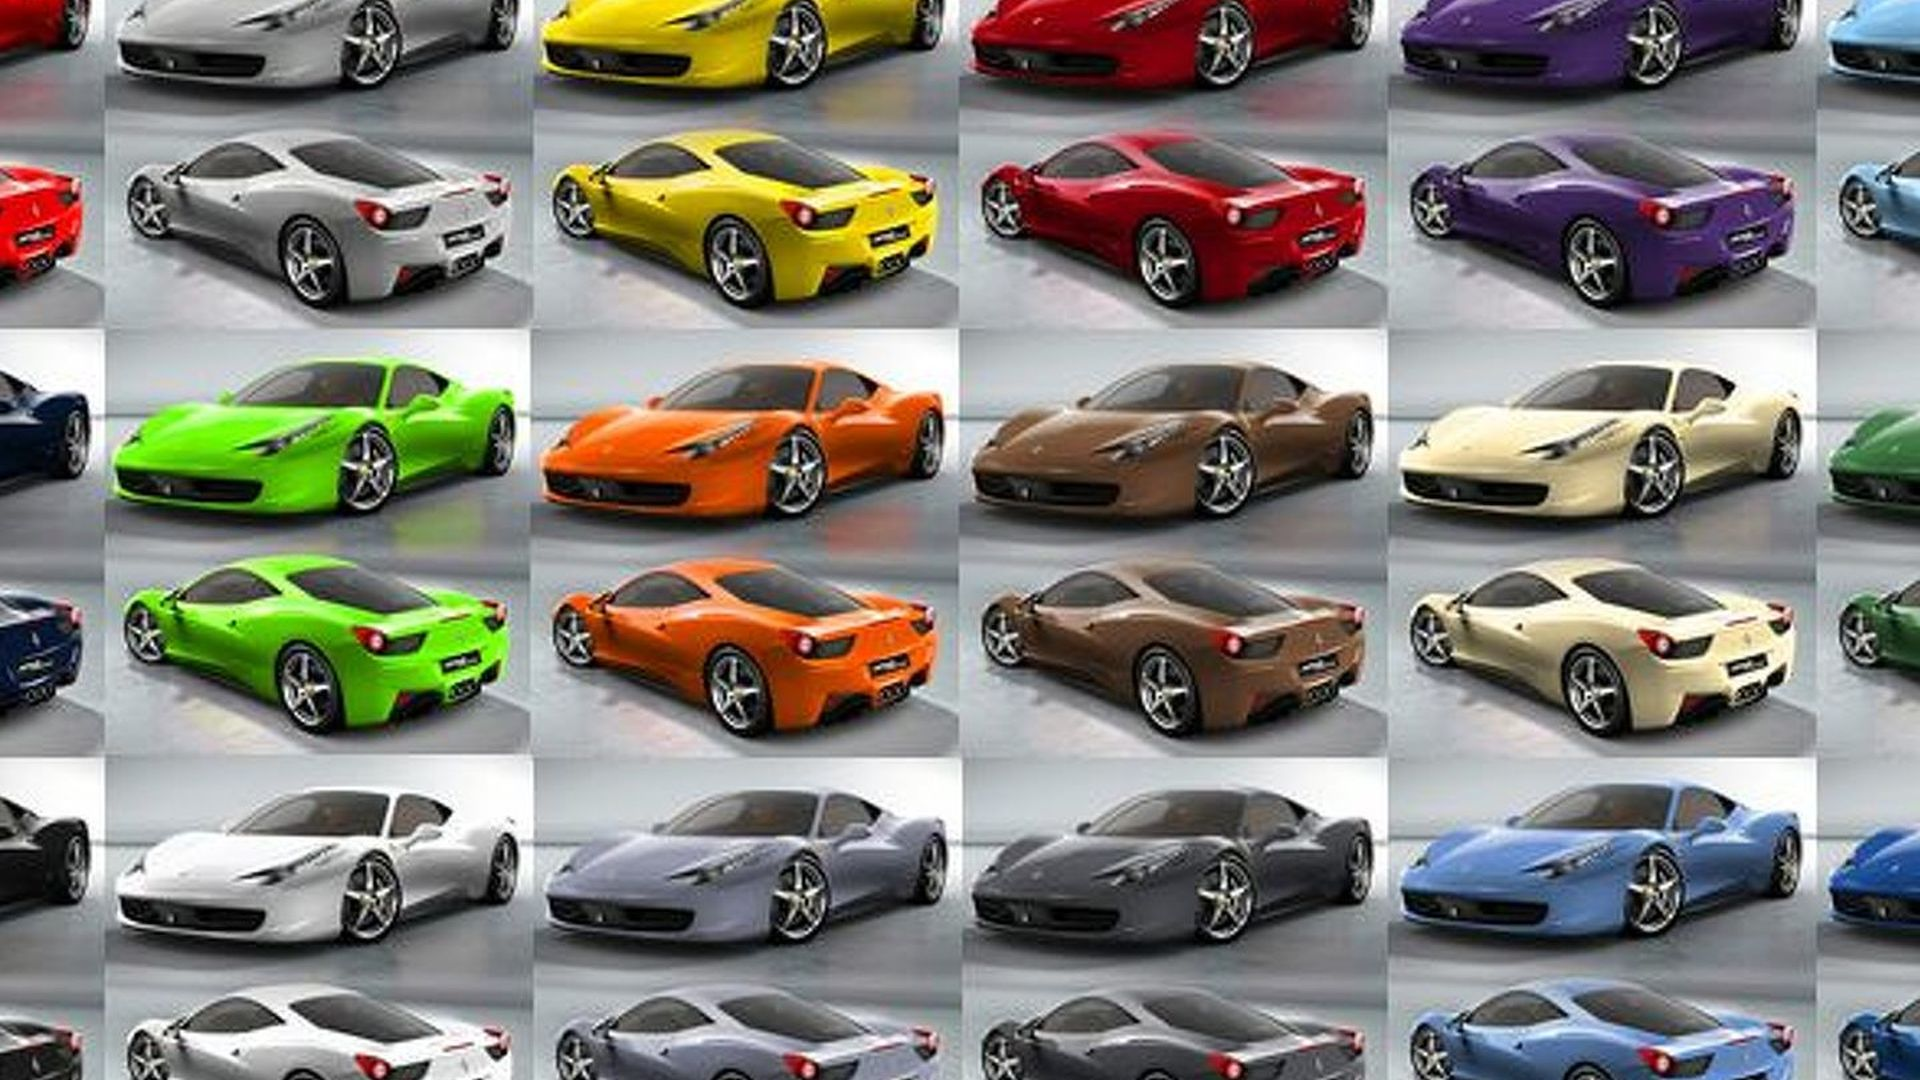 Best Car Paint Colors >> Ferrari 458 Italia - Which Colour Do You Prefer?